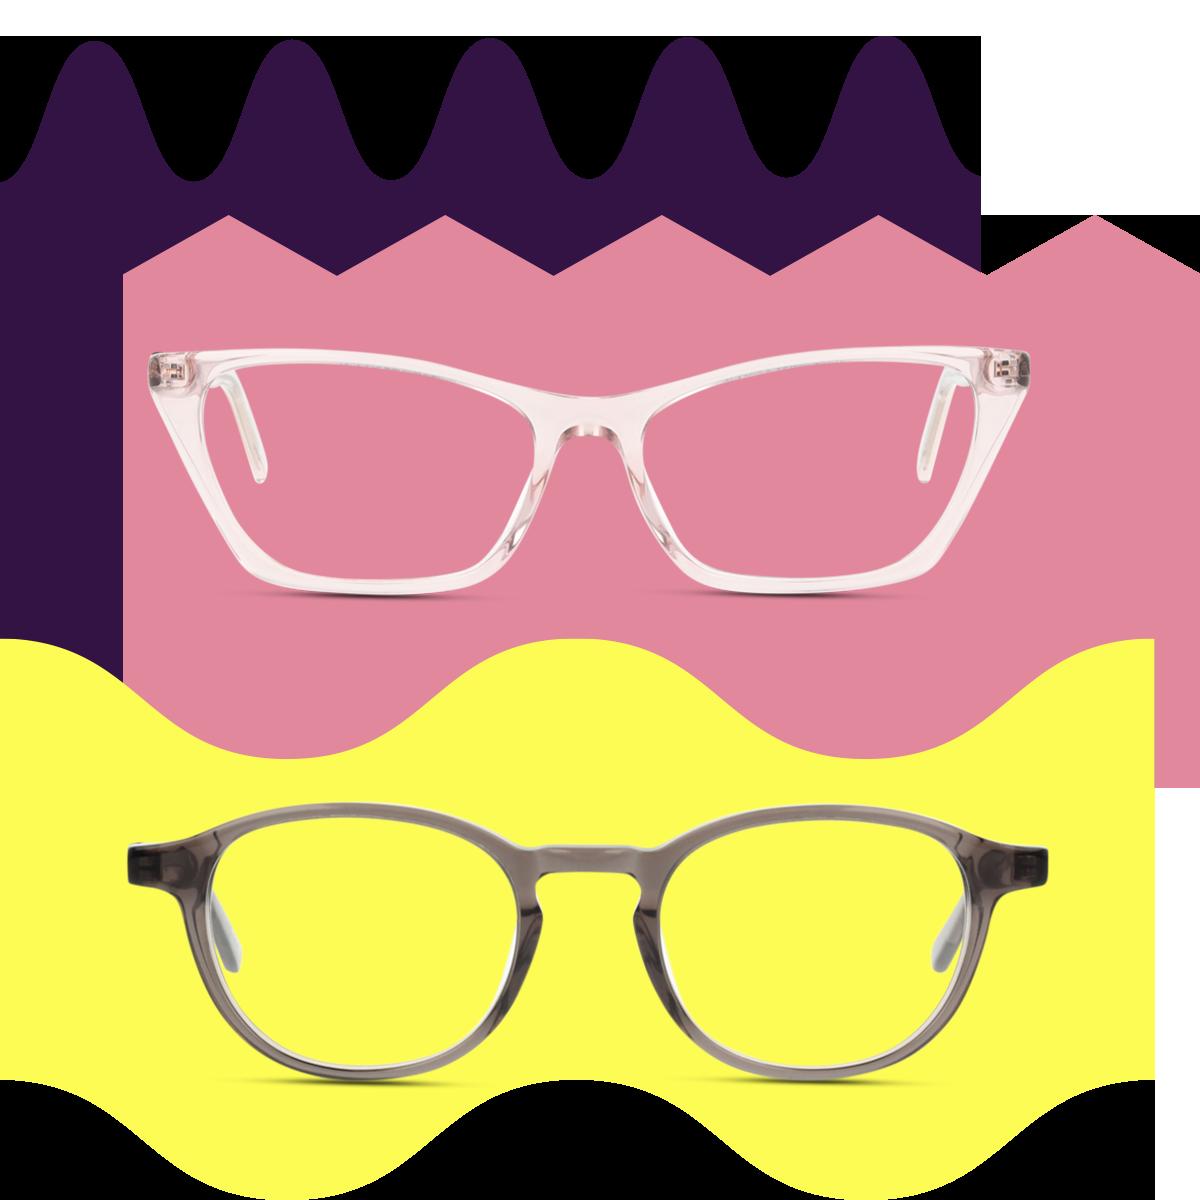 Miltä vuoden 2020 silmälasien kehysvärit näyttävät?